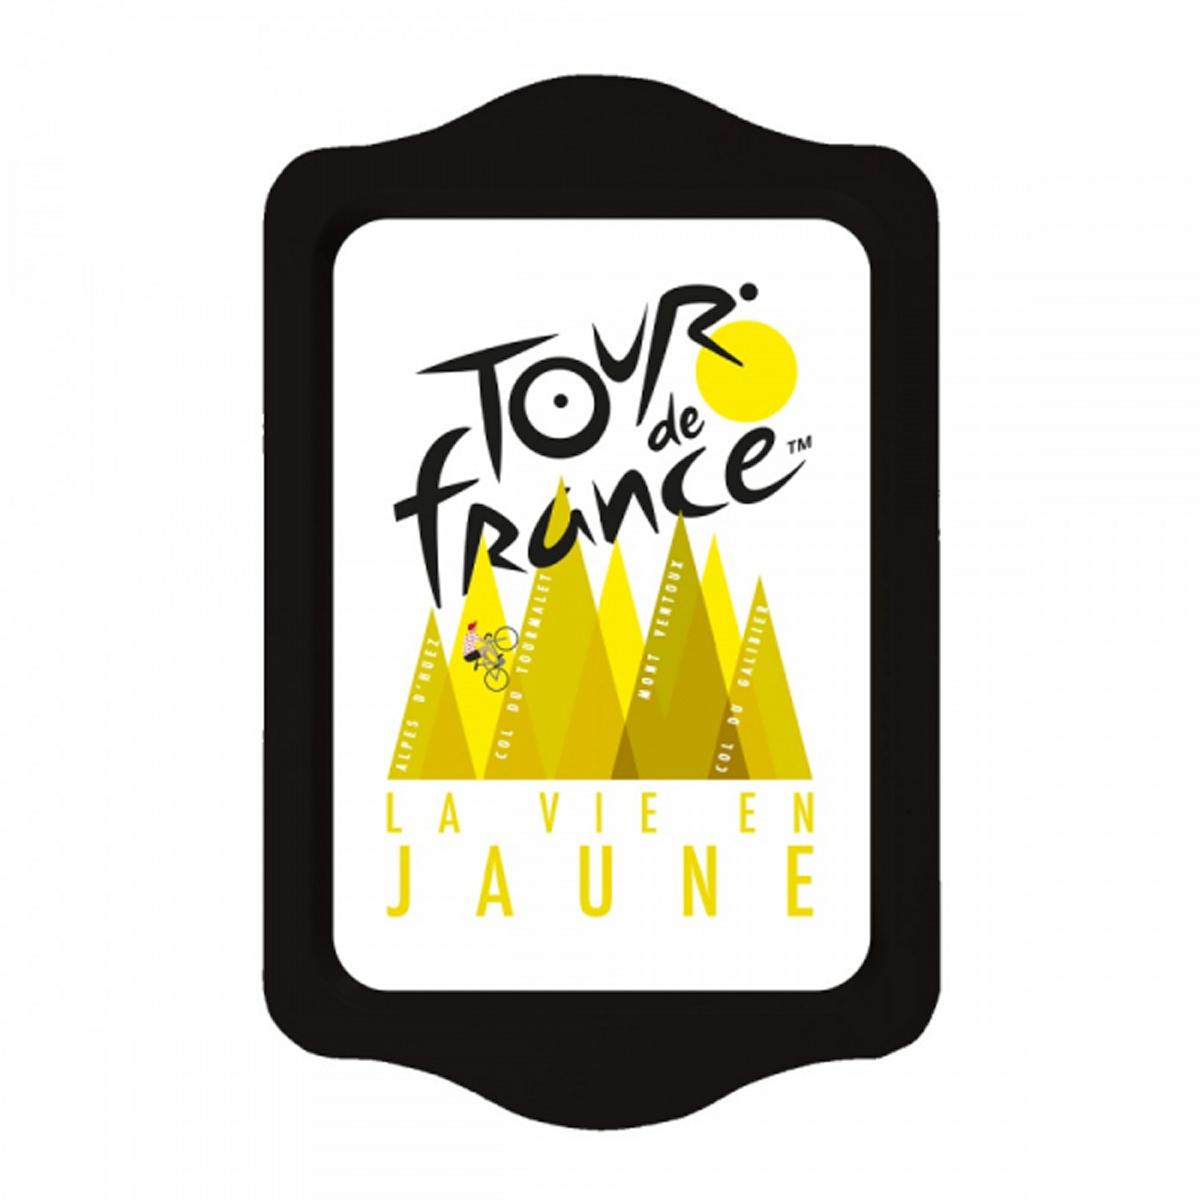 Petit plateau métal \'Tour de France\' noir jaune (la vie en jaune - montagnes) - 21x14 cm - [R2971]